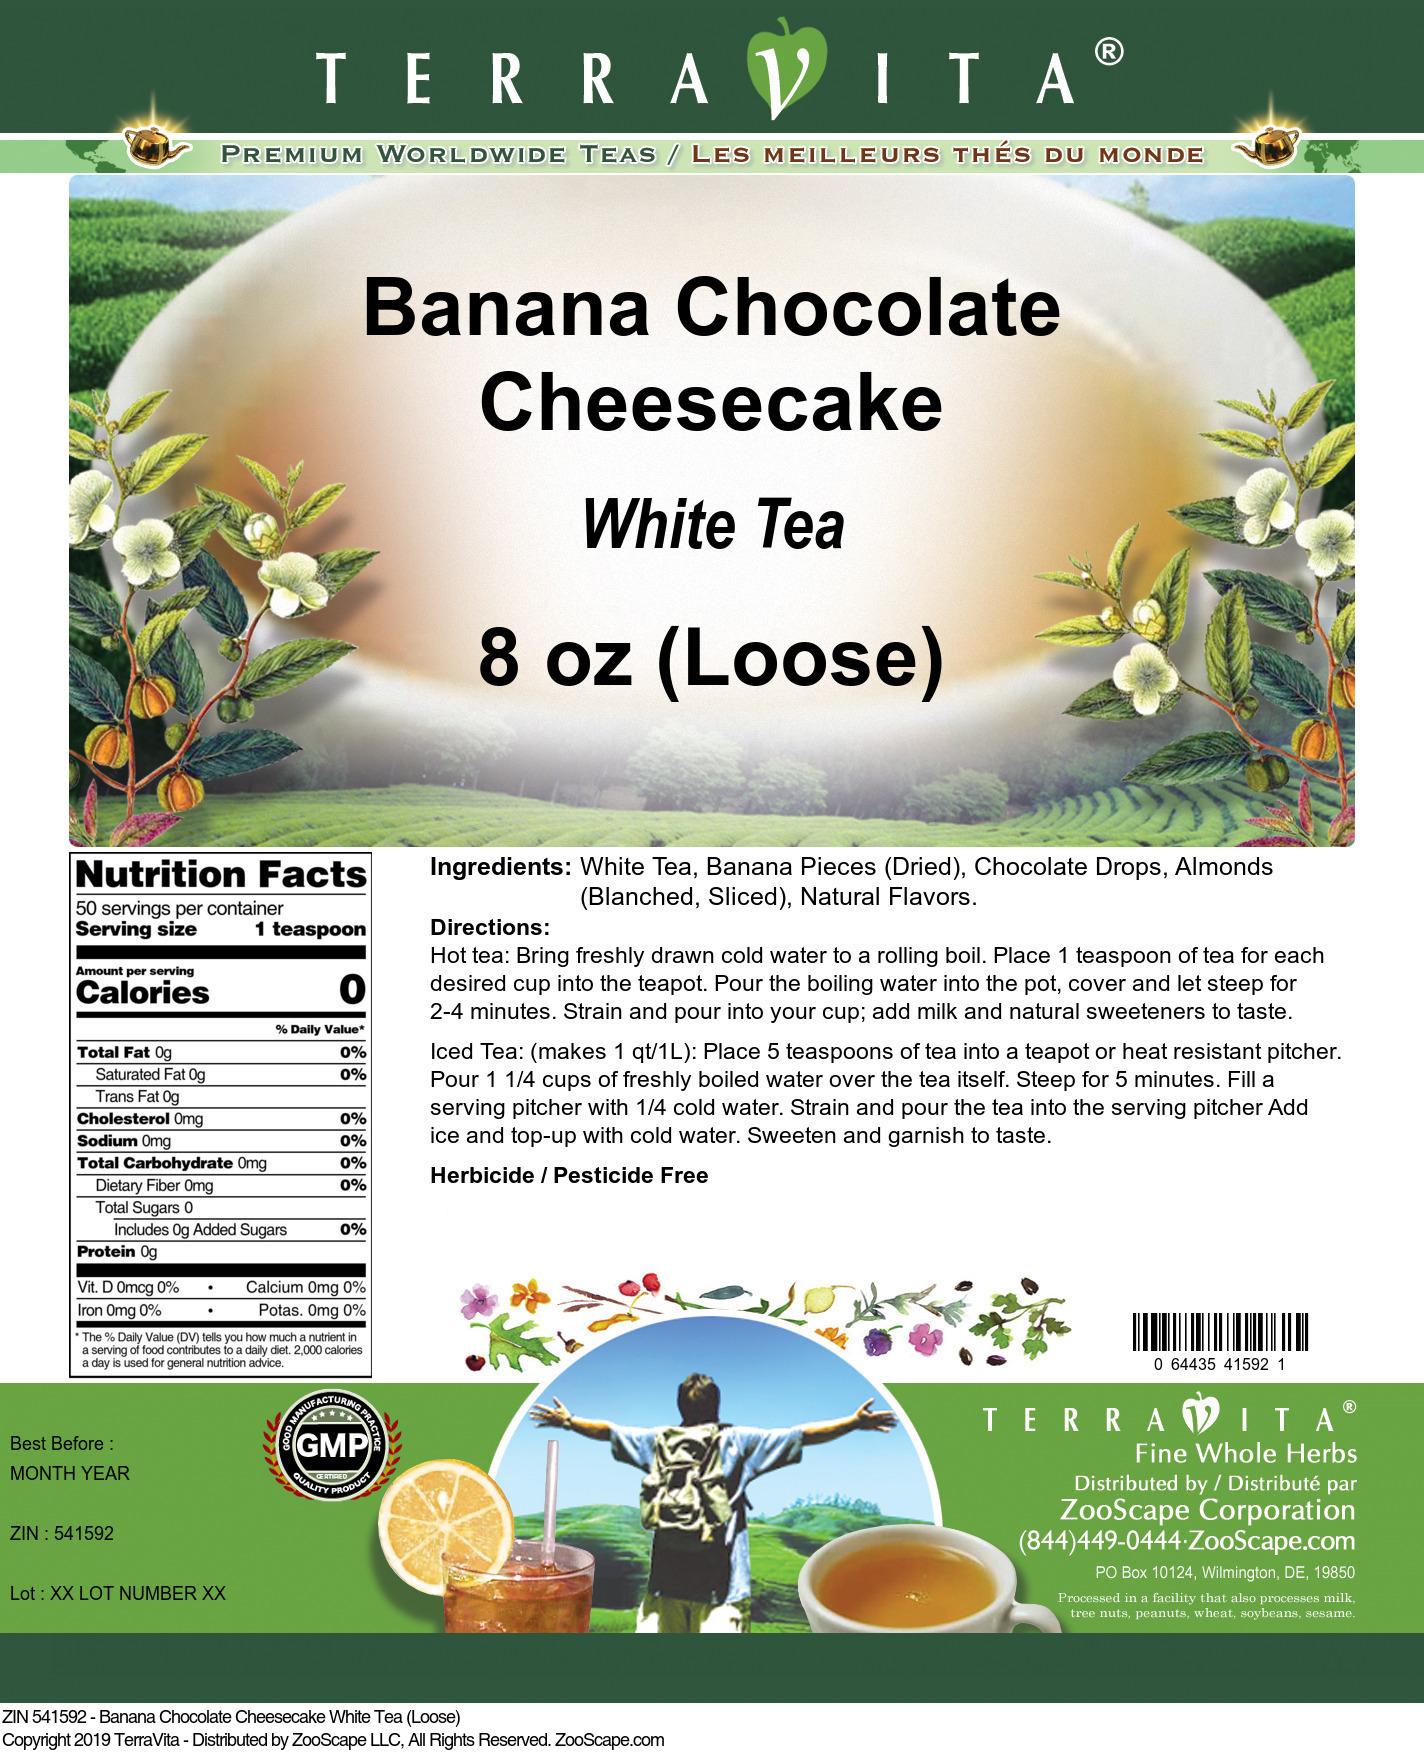 Banana Chocolate Cheesecake White Tea (Loose)